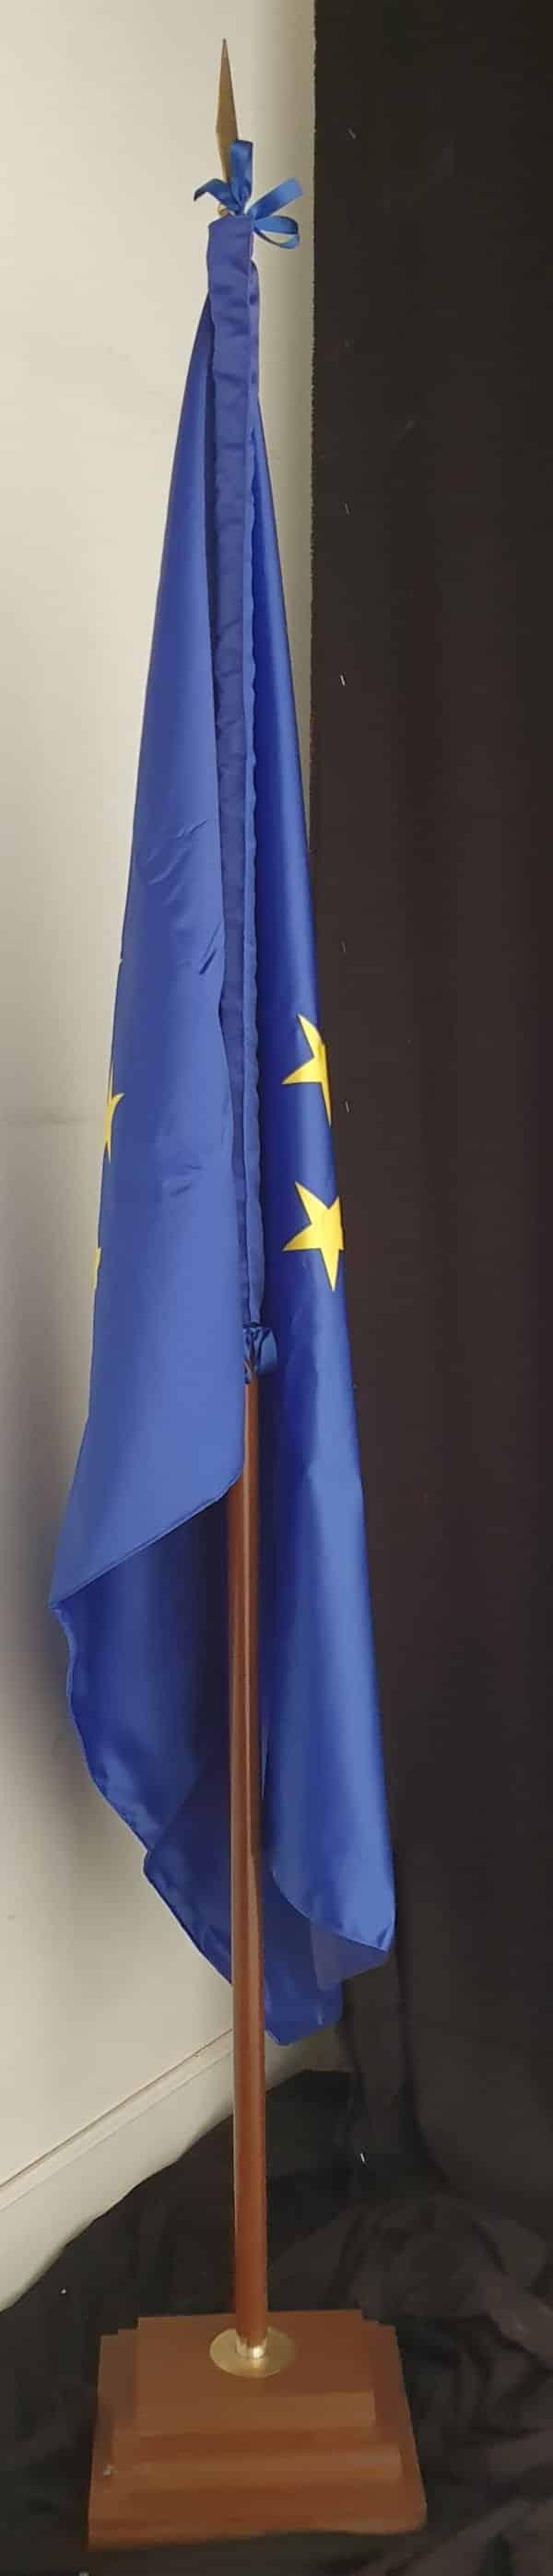 Bandera de Unión Europea de raso para despacho-BPH